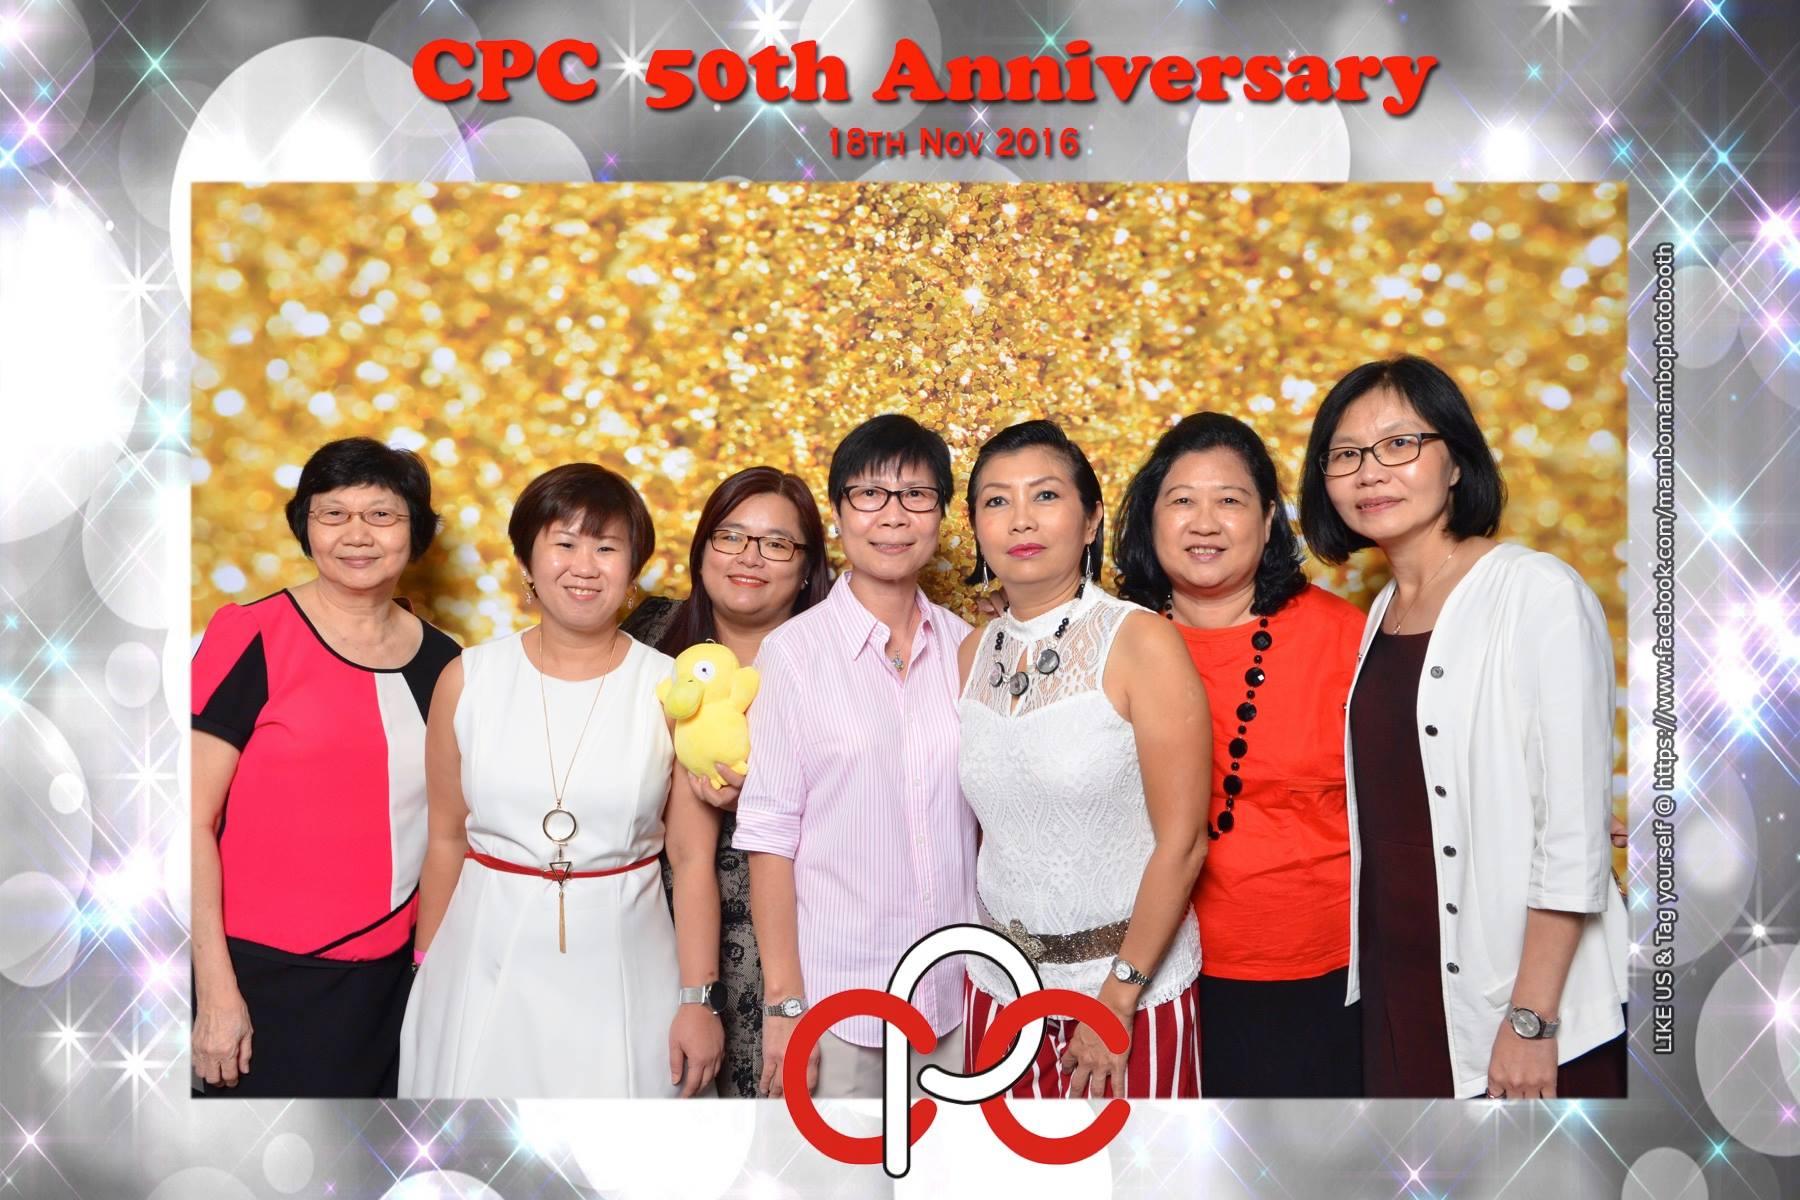 CPC 50th Anniversary